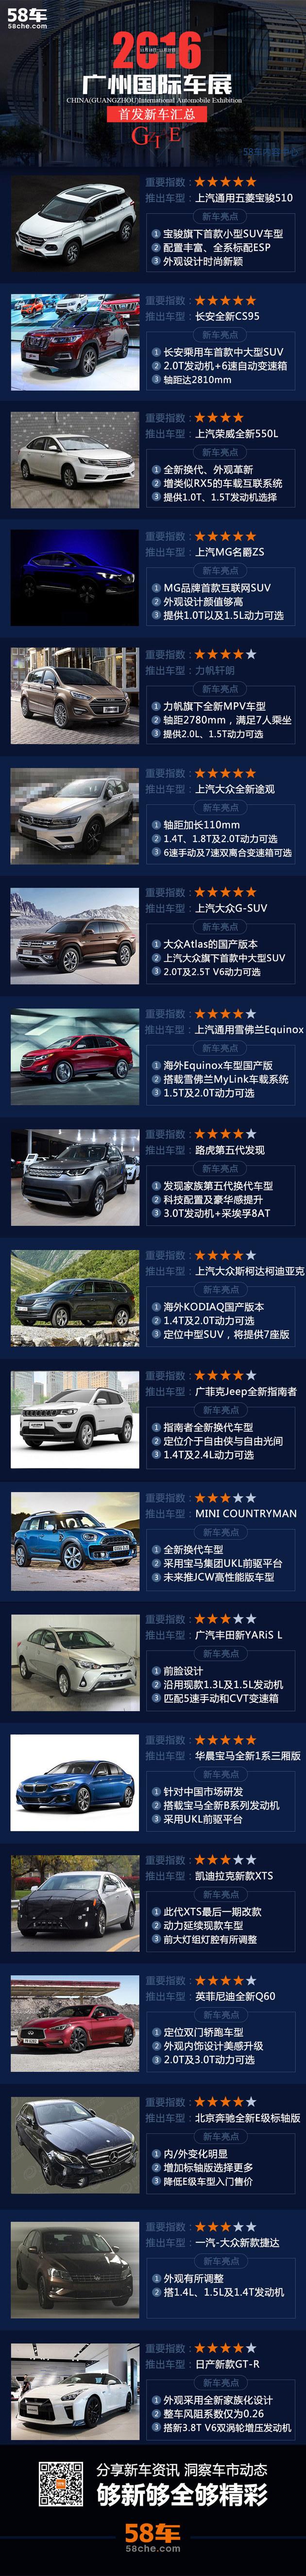 2016广州车展抢先看 一张图看遍新车